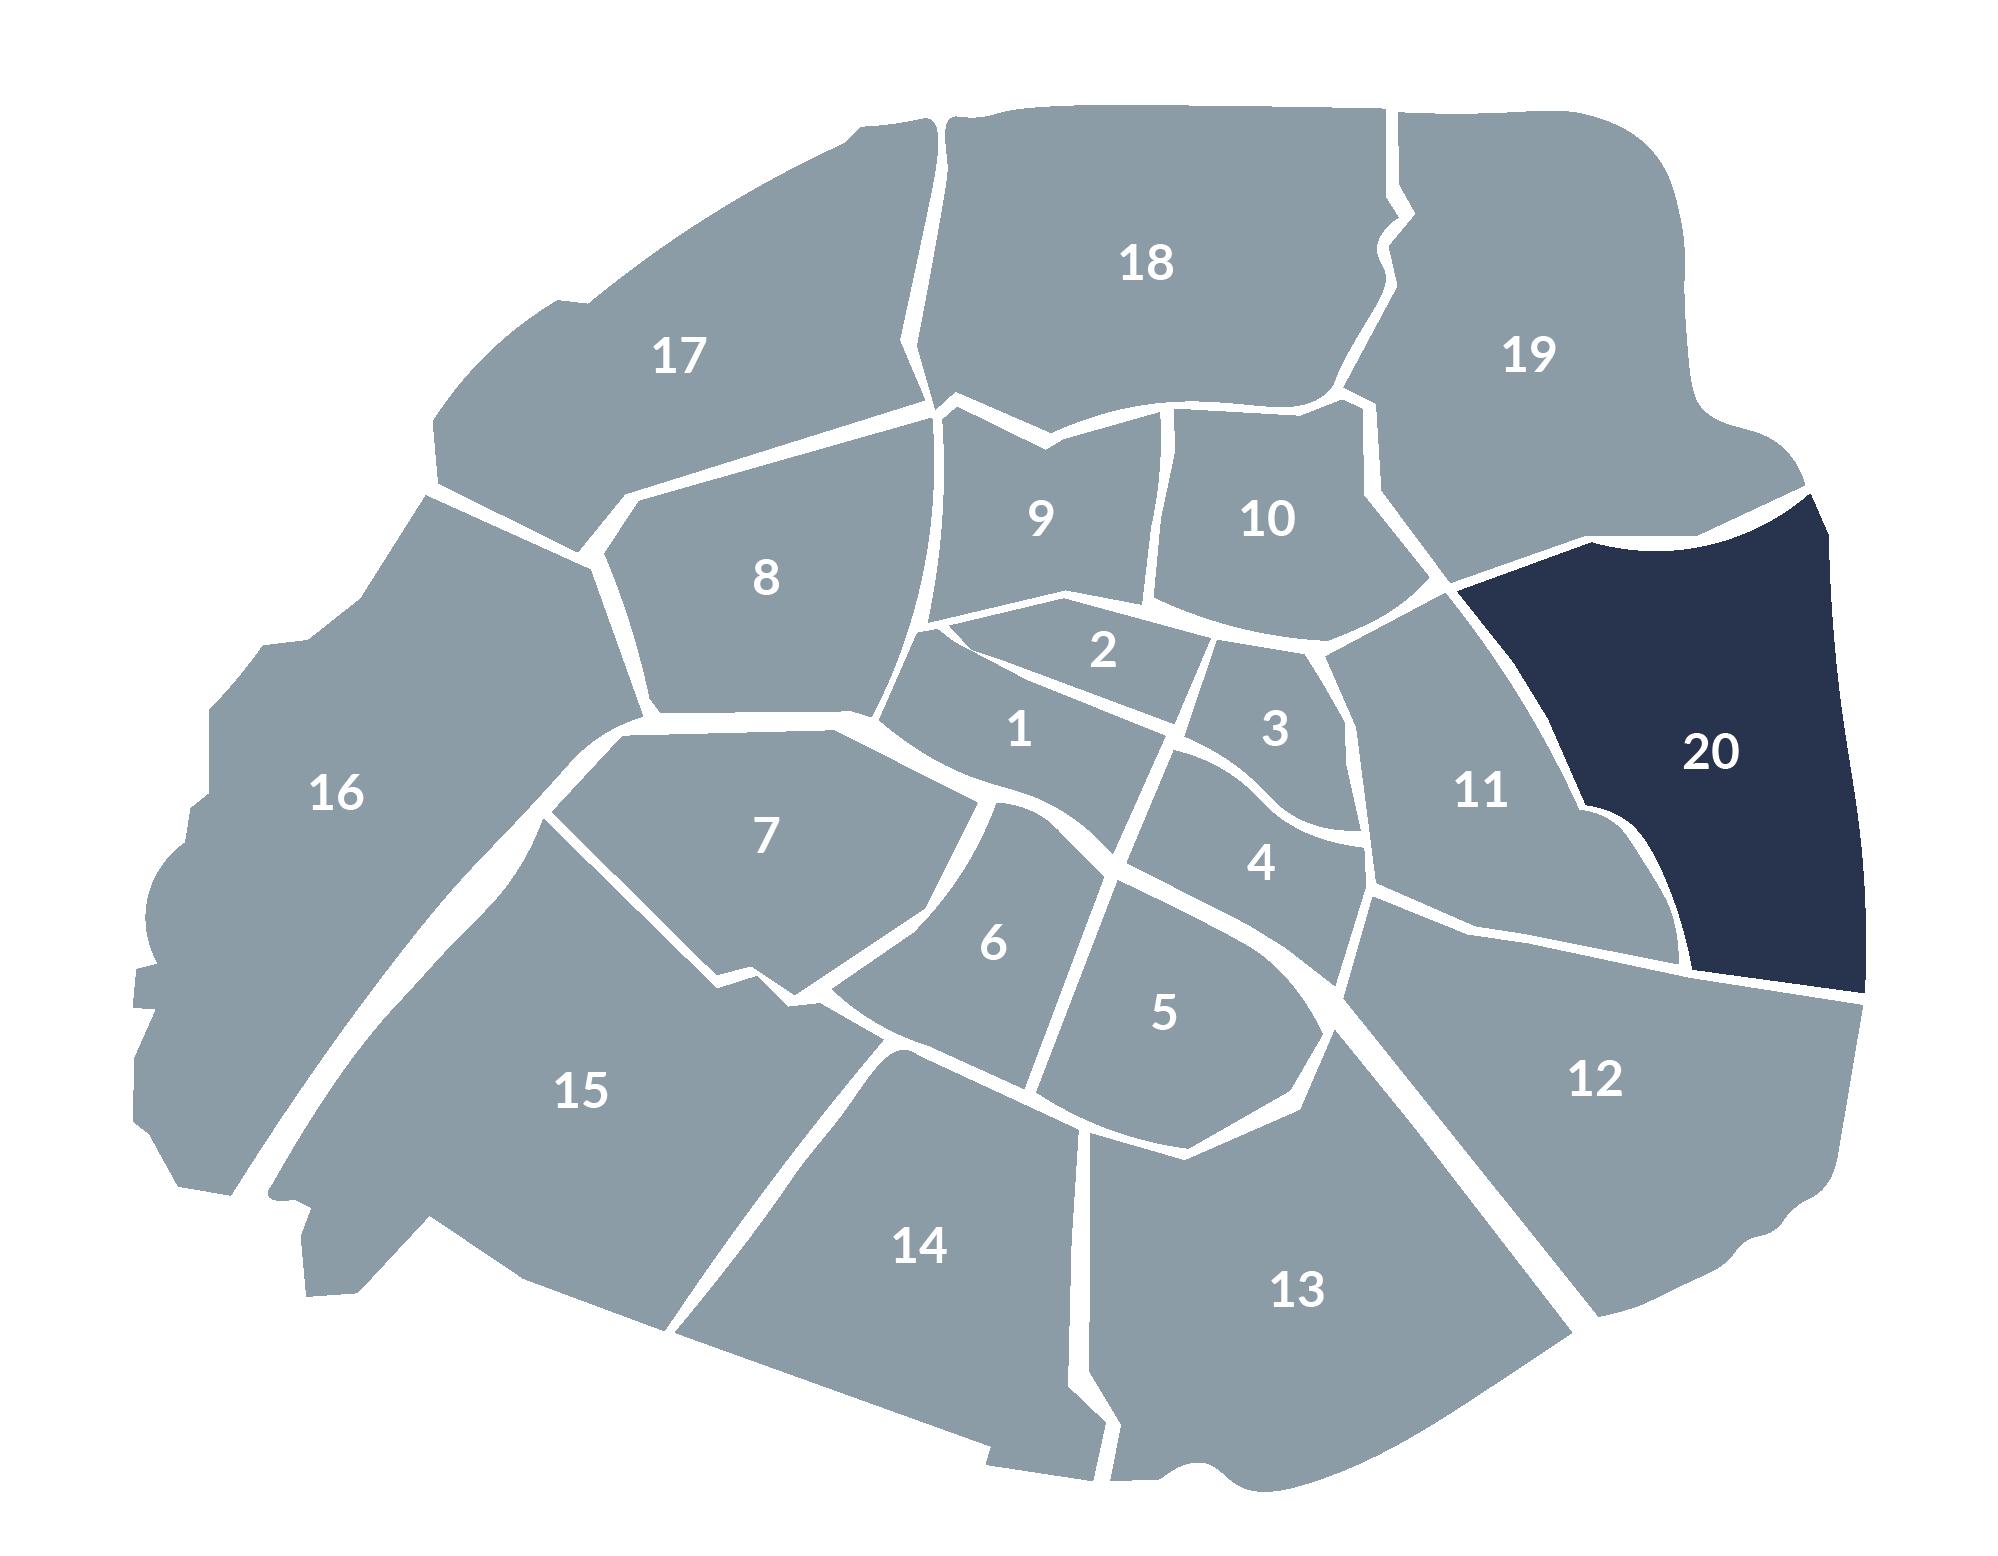 carte paris 20e arrondissement